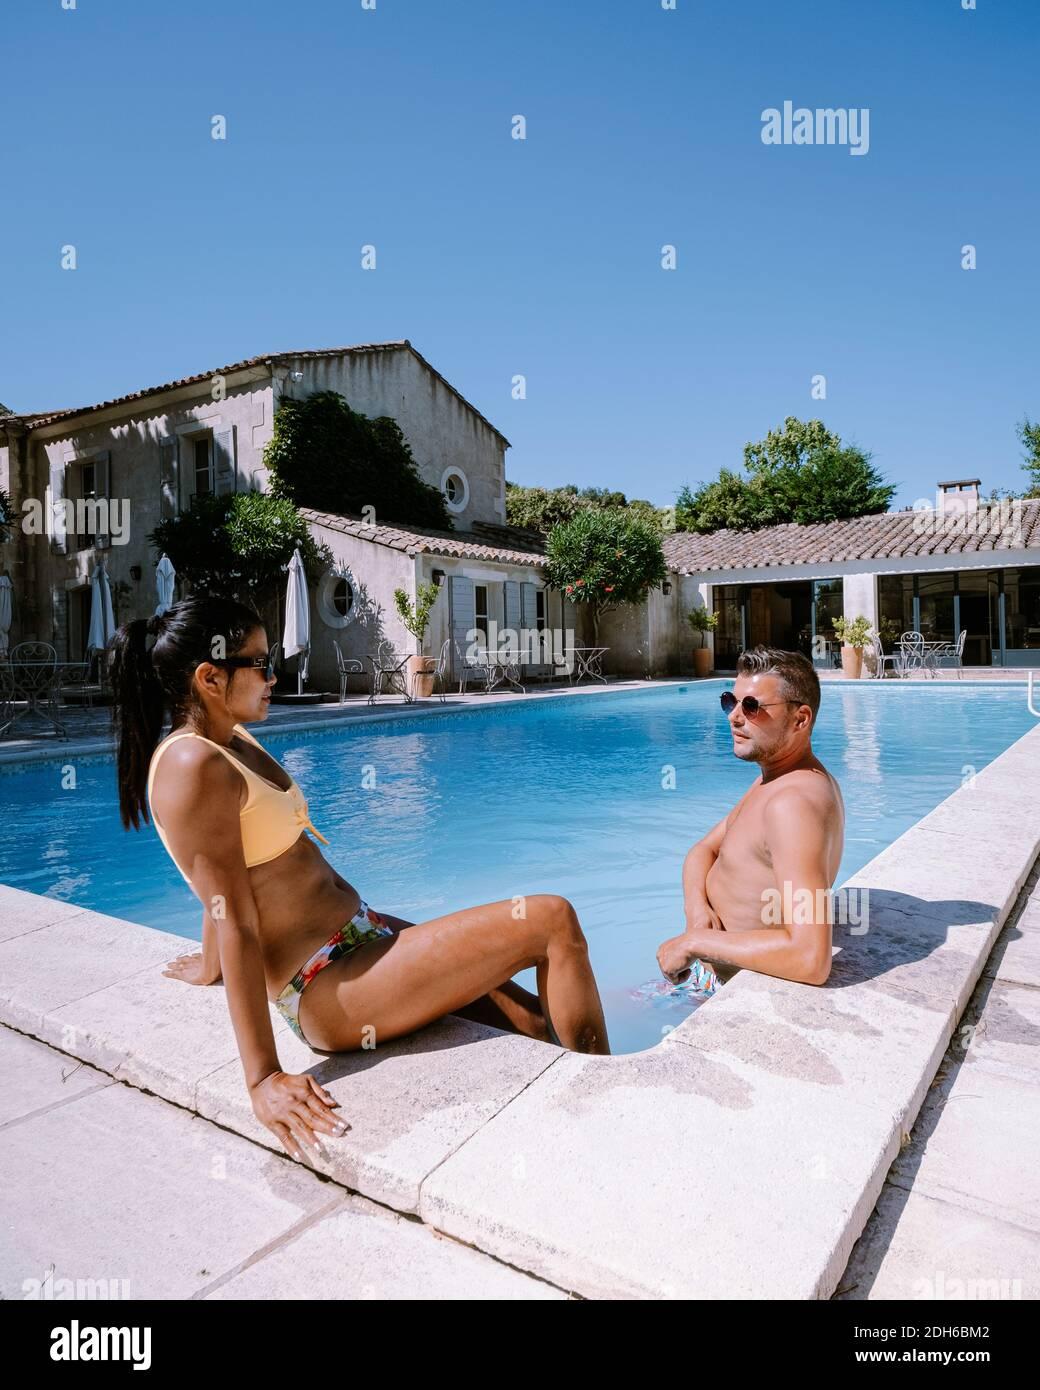 Pareja relajándose en la piscina en la Provenza Francia, hombres y mujeres relajándose en la piscina en el complejo de lujo Foto de stock